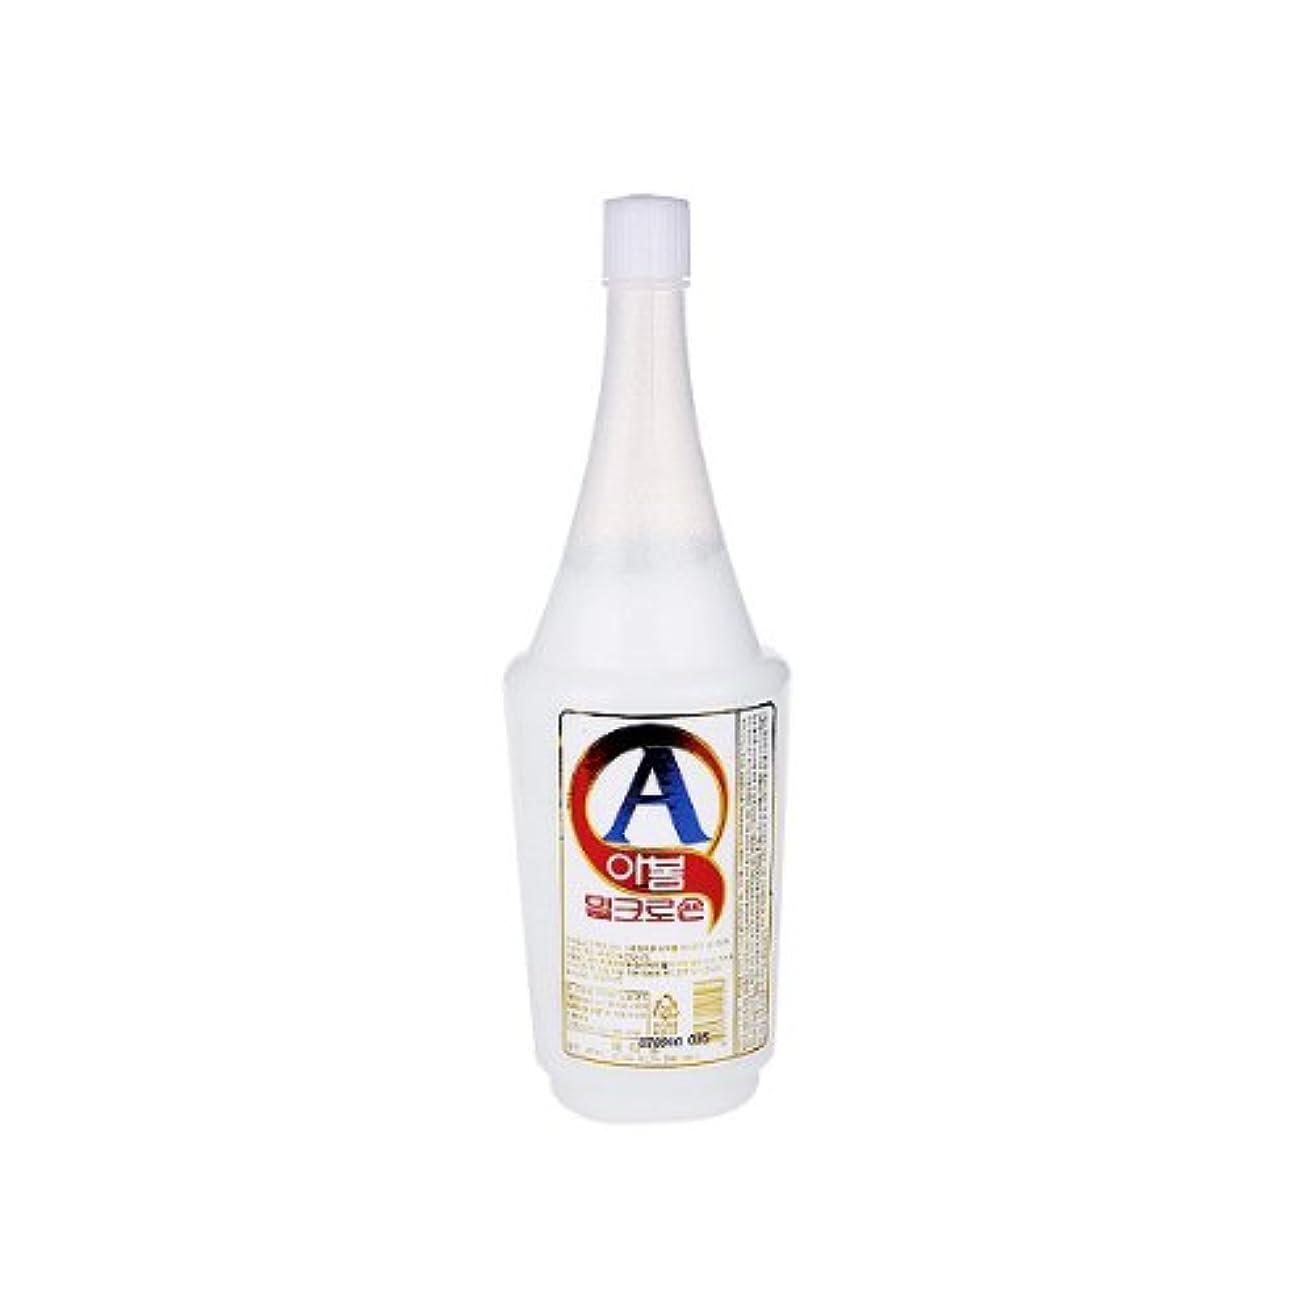 交じるリサイクルする過去アボム ミルクローション 450ml マッサージ用 乳液 業務用